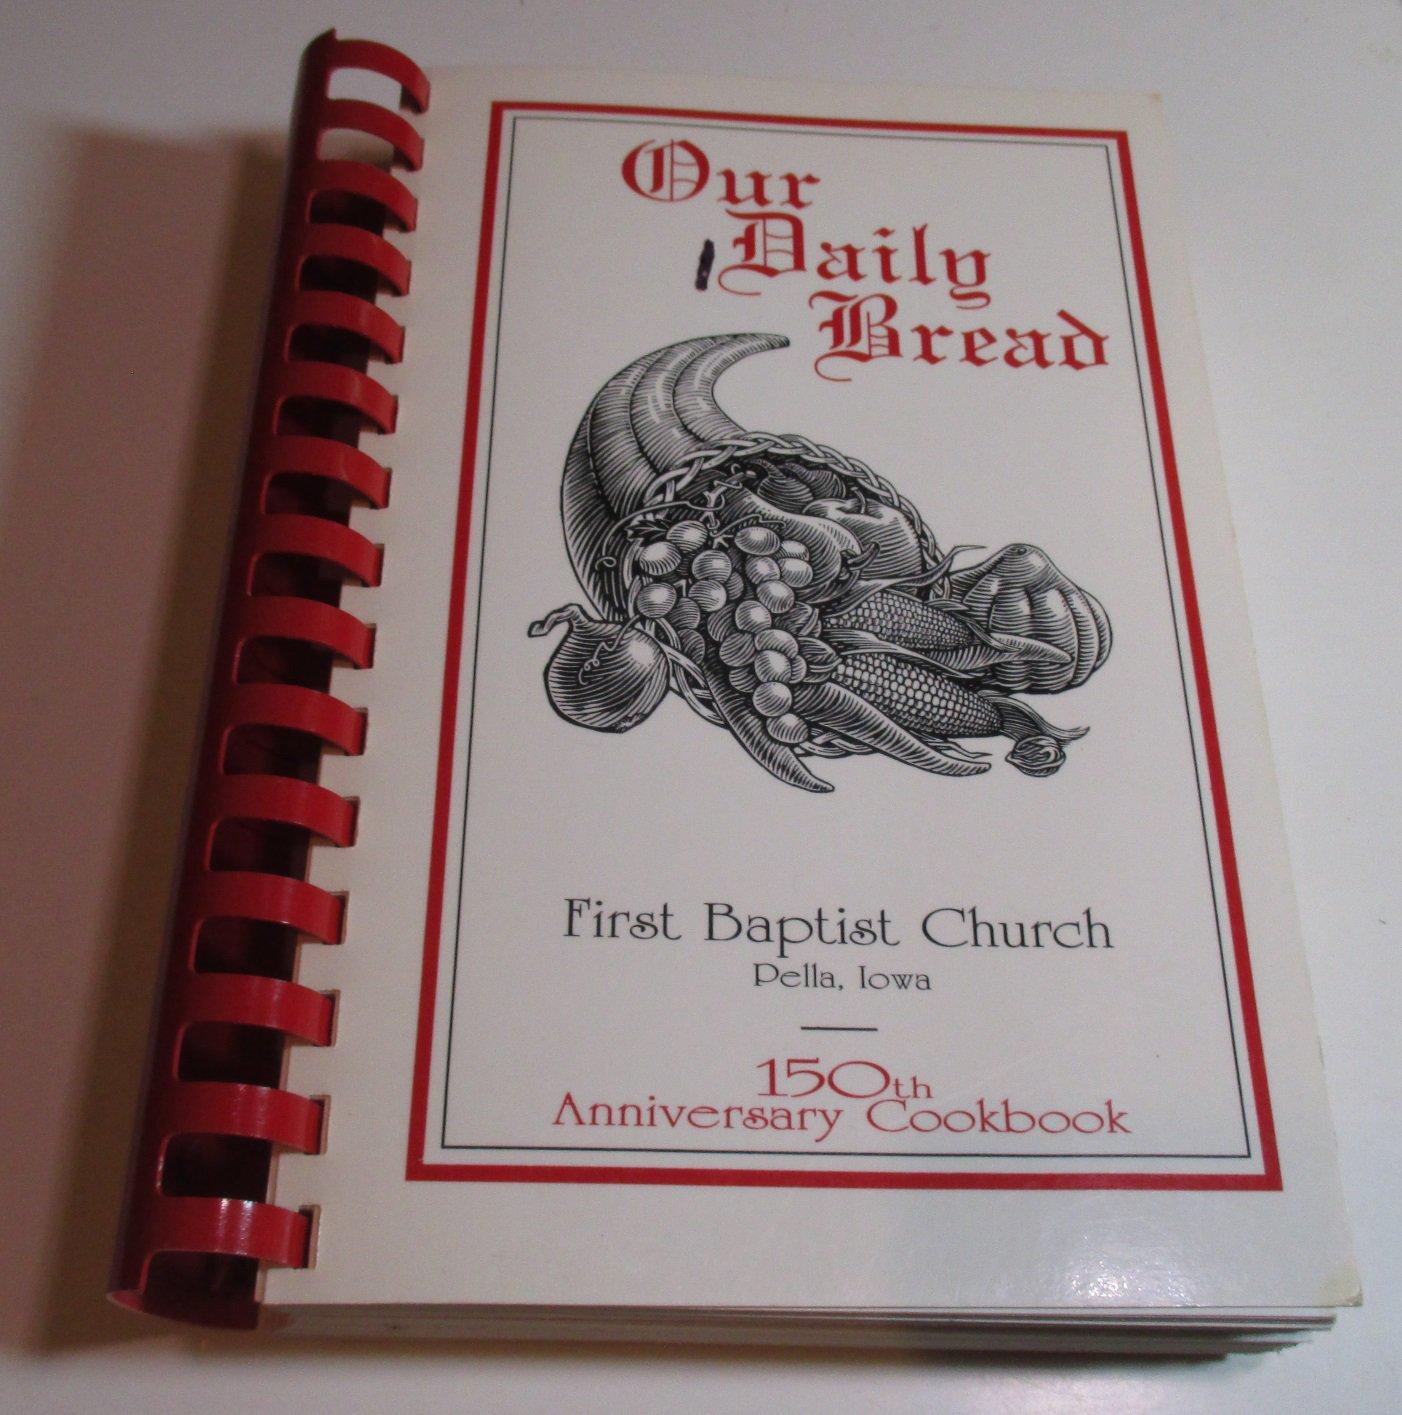 First Baptist Church Pella Iowa Cookbook   150th Anniversary 1994